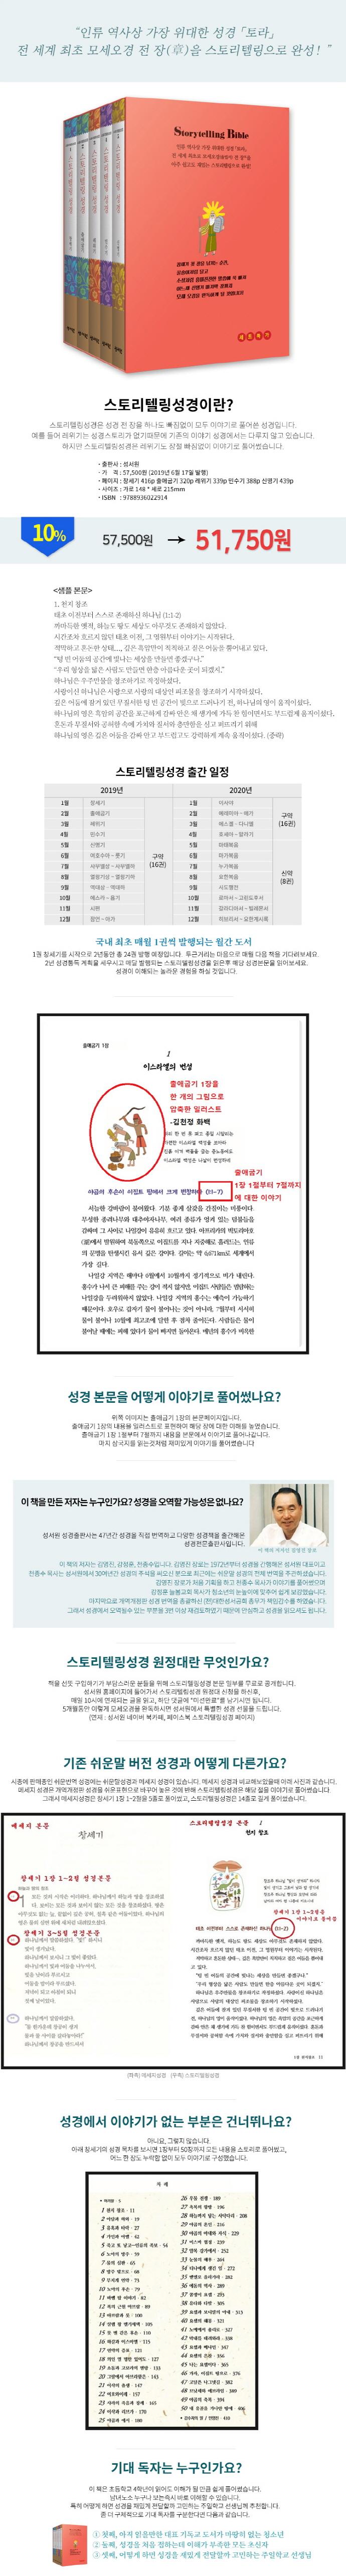 스토리텔링성경 모세오경 세트(Special edition)(전5권) 도서 상세이미지